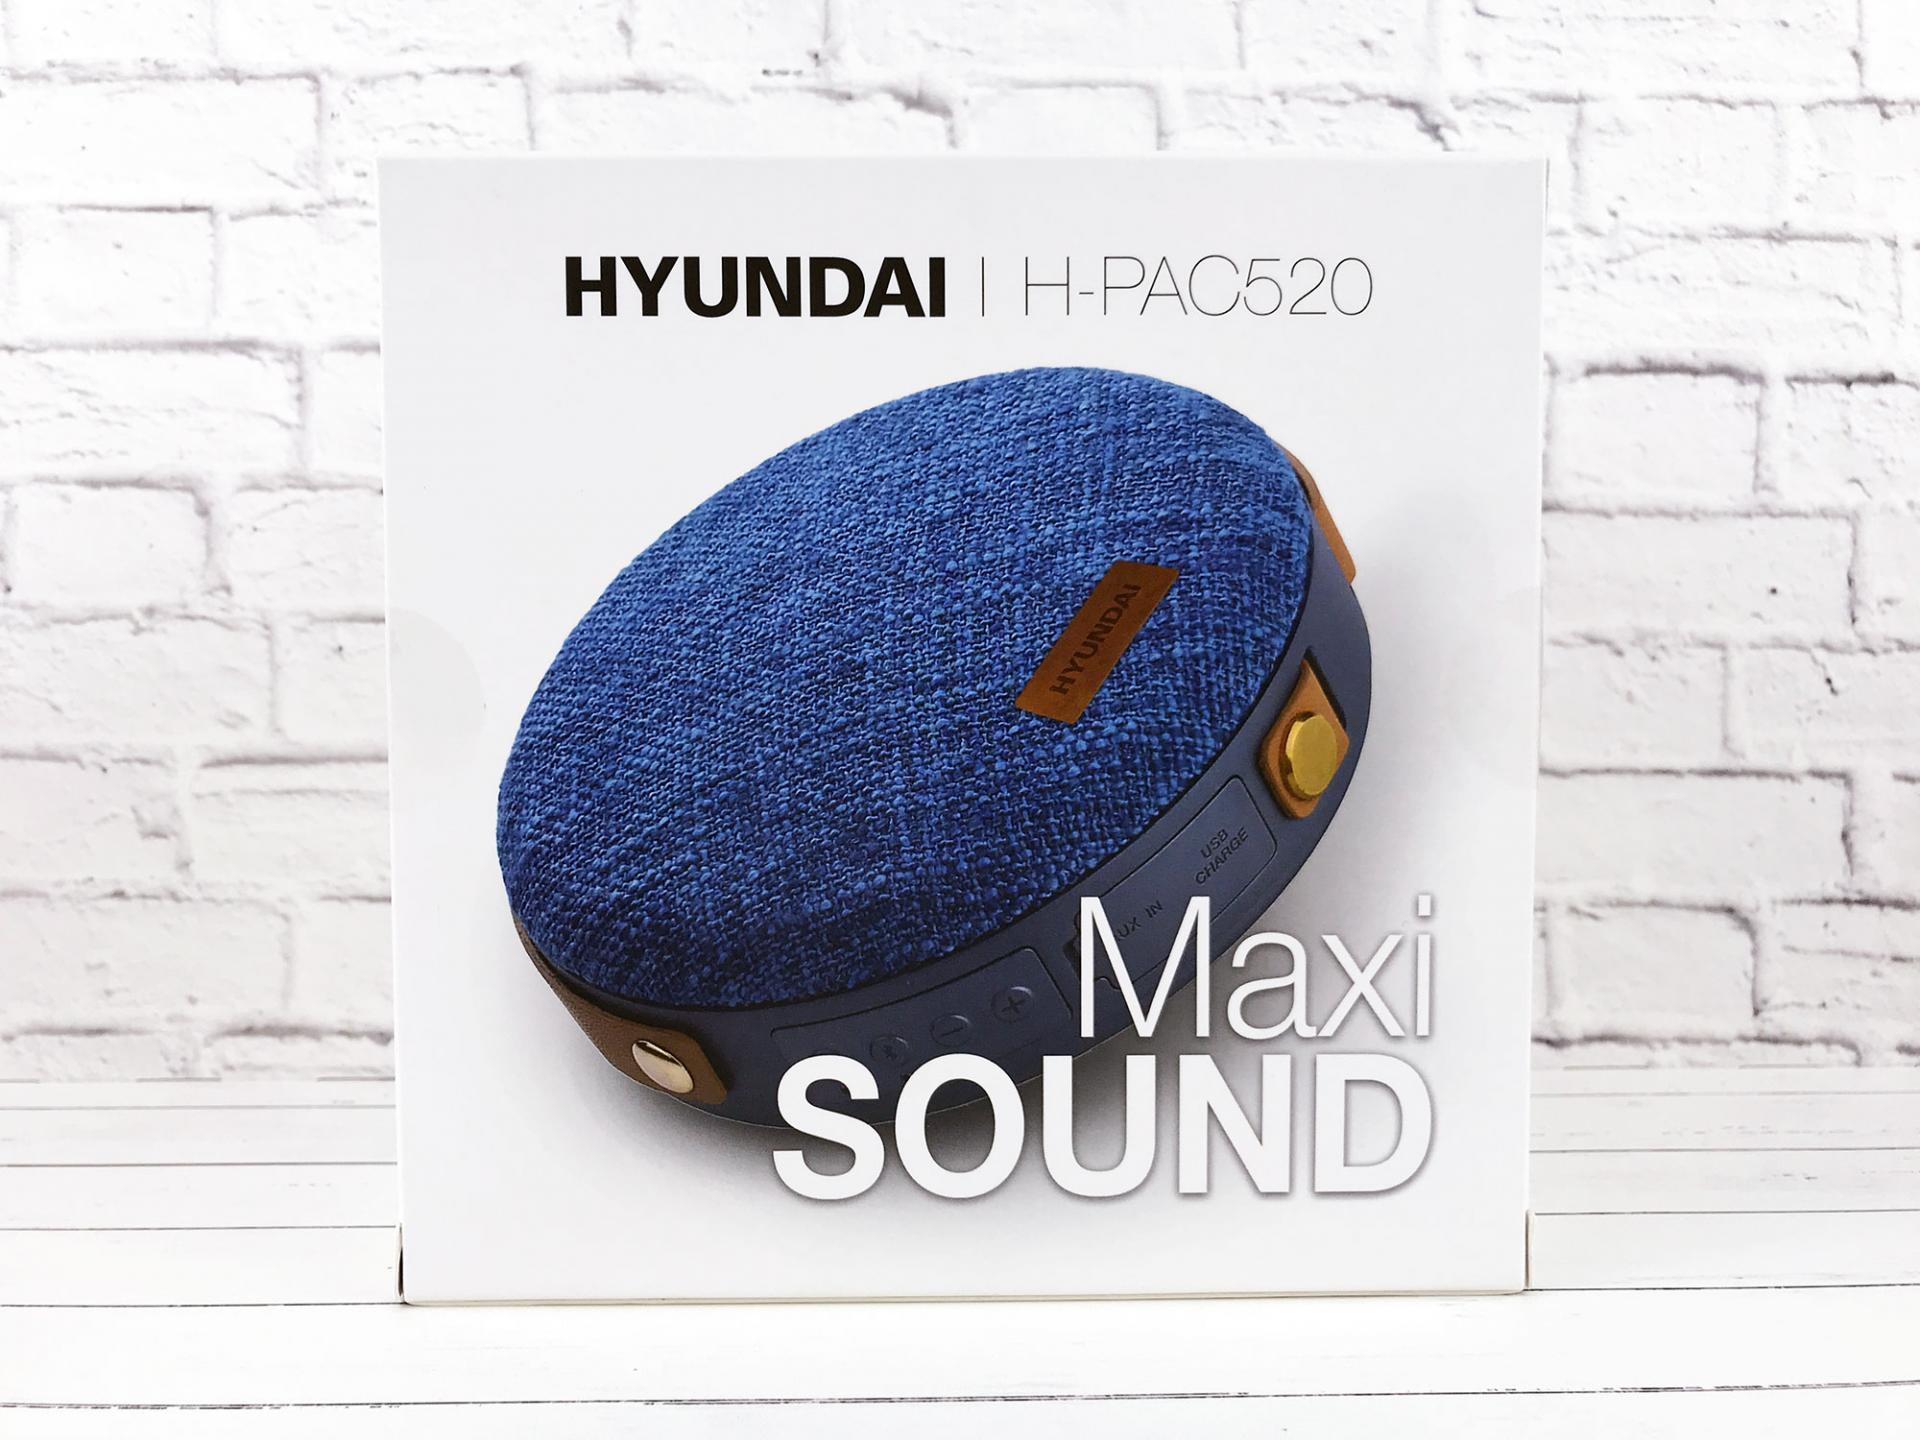 Обзор портативной колонки Hyundai Maxi SOUND H-PAC520